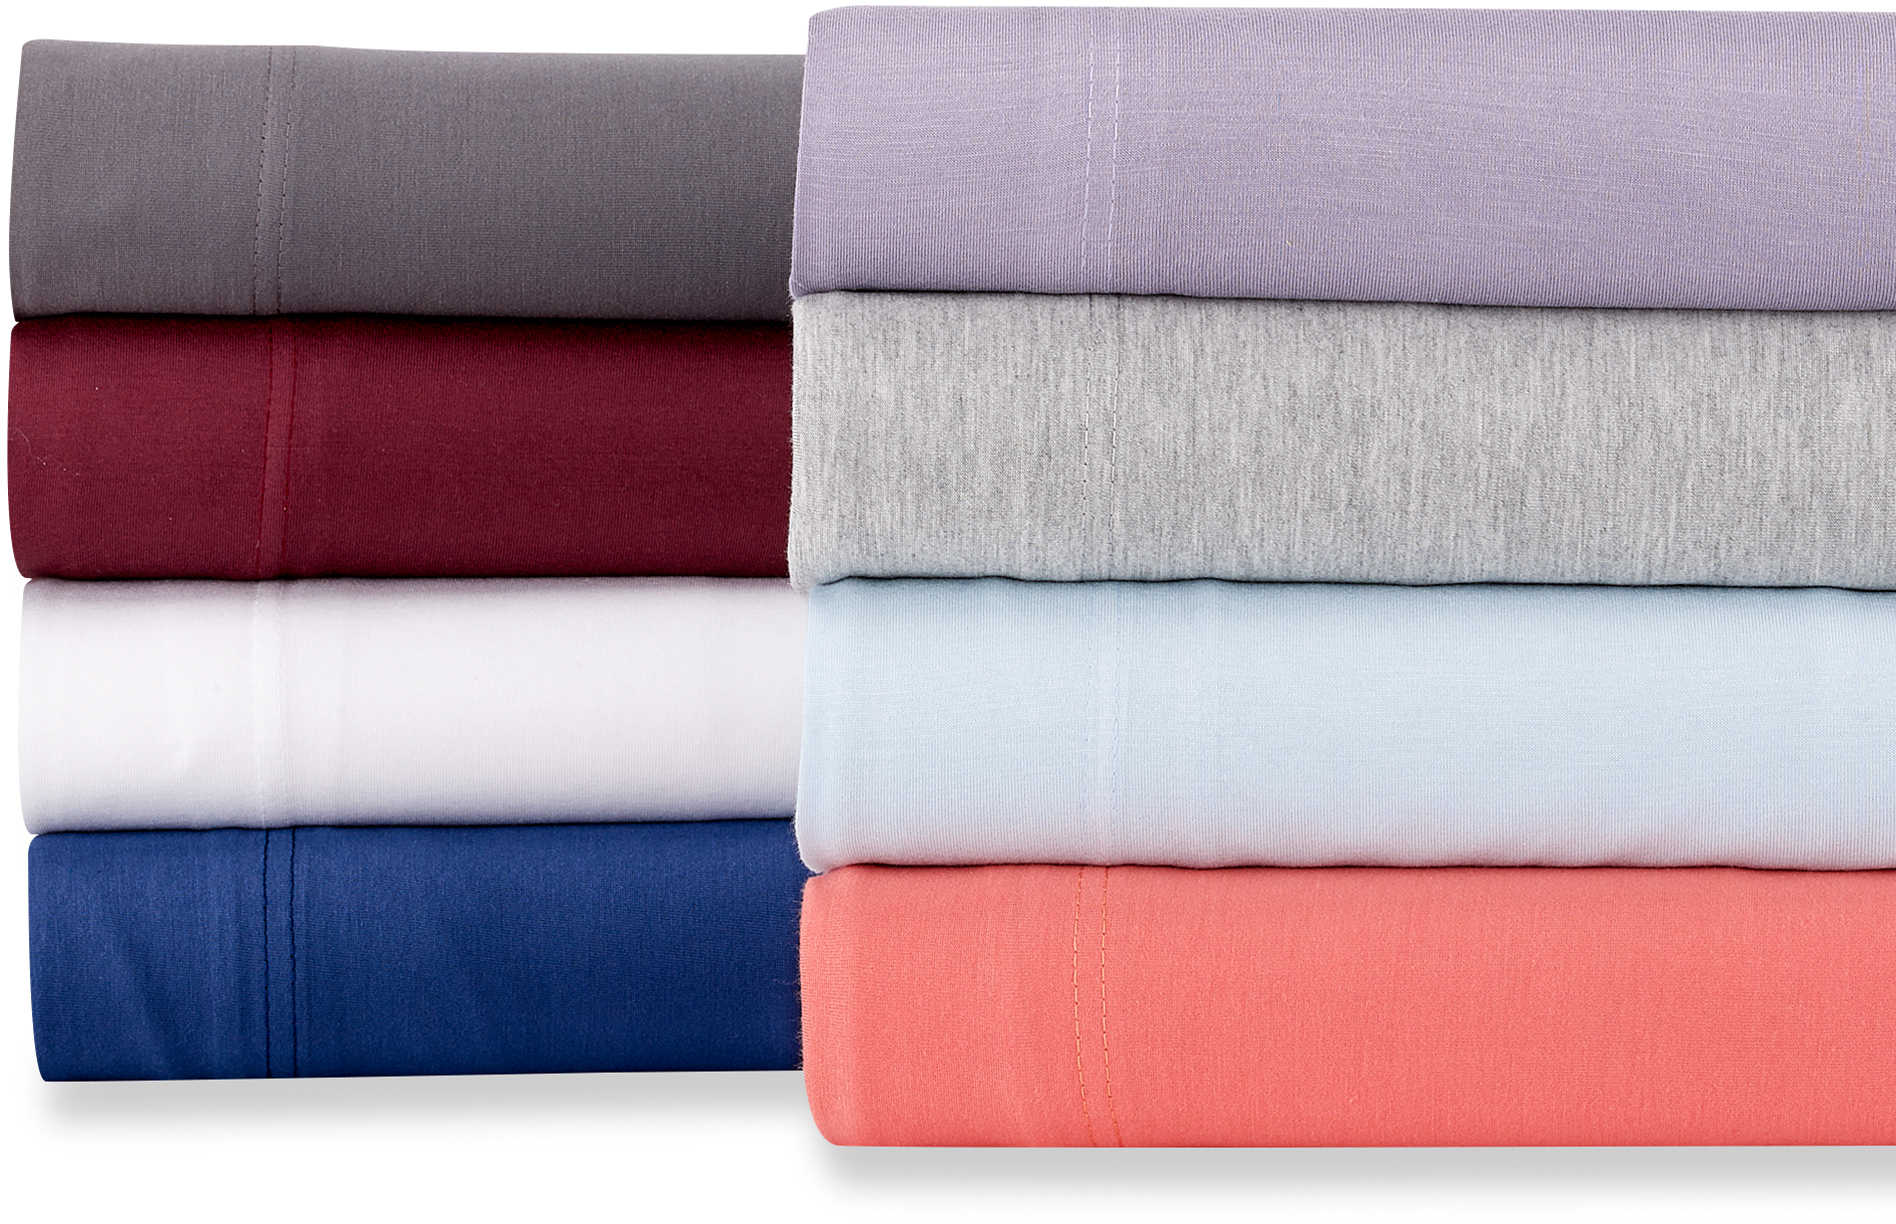 Pure Beech® Jersey Knit Modal Sheet Set - BedBathandBeyond.com